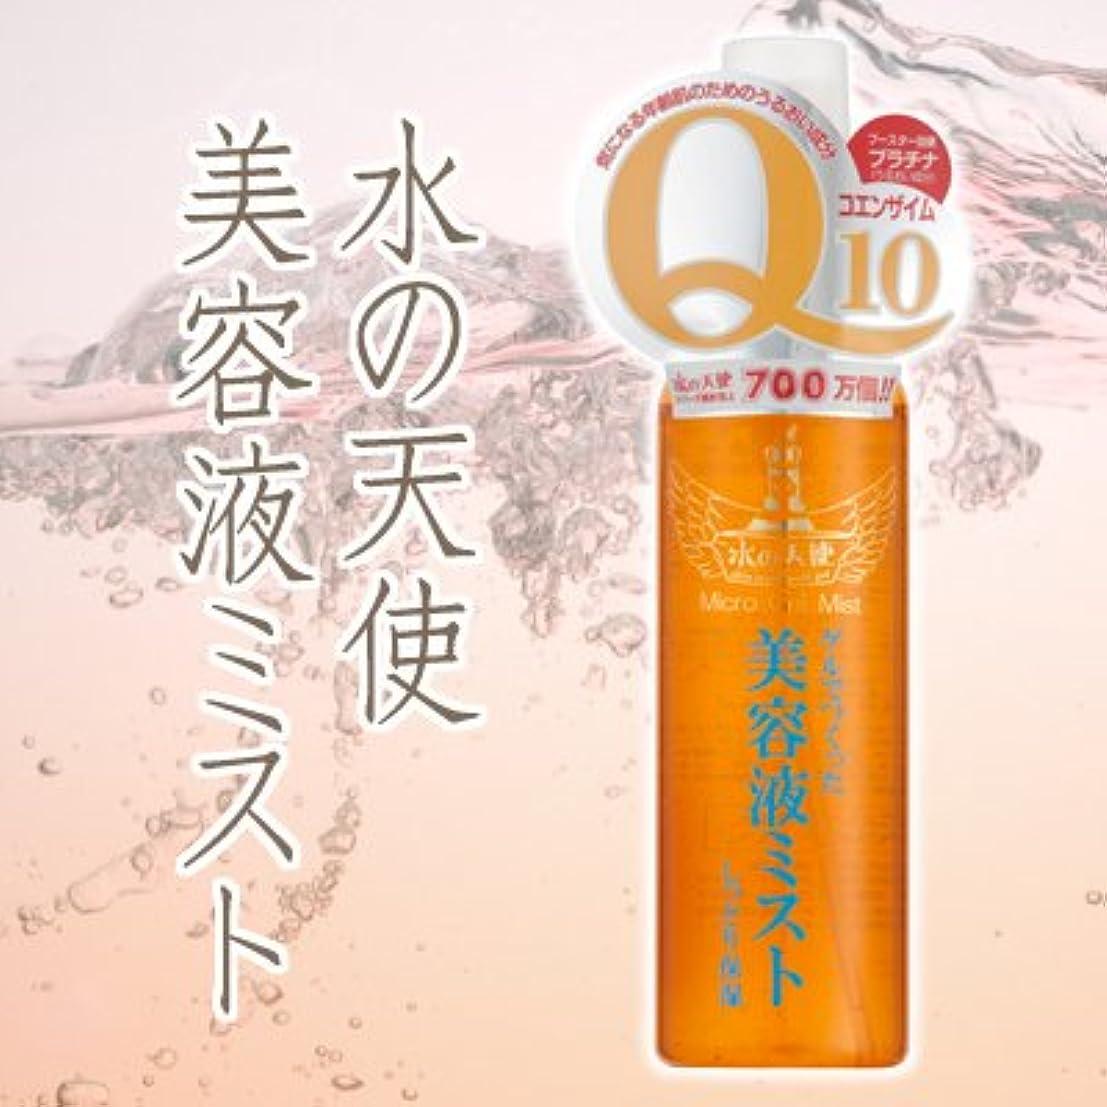 前ステープル小売水の天使美容液ミスト 120ml 2個セット ※あの「水の天使」シリーズから美容液ミストが新登場!